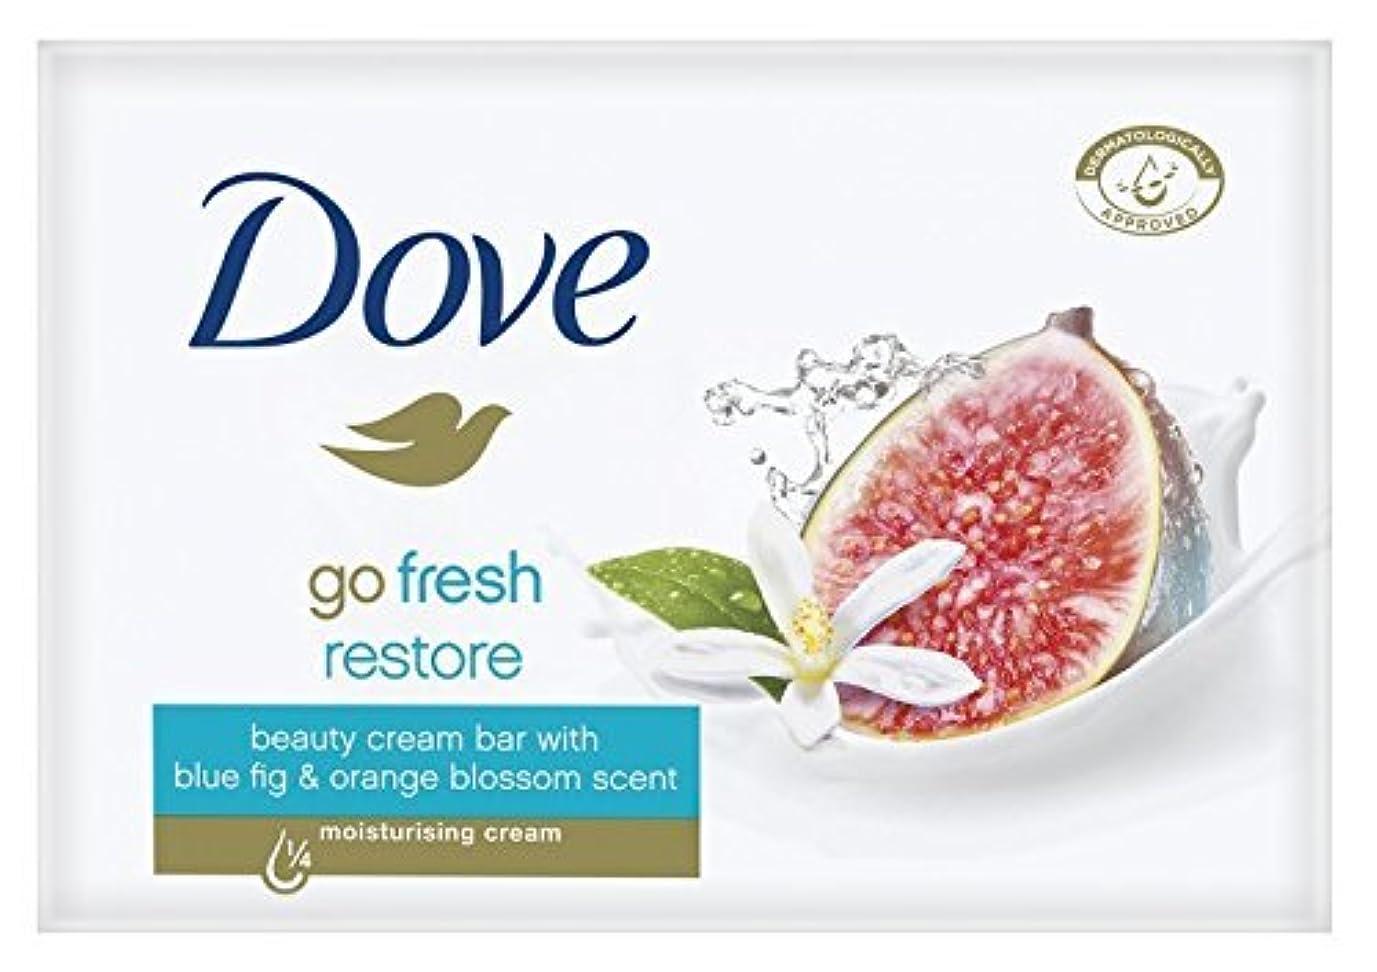 思慮深いコミュニケーション染料Dove Go Fresh Restore Beauty Bar Soap 3.5 Oz / 100 Gr (Pack of 12 Bars) by Dove [並行輸入品]